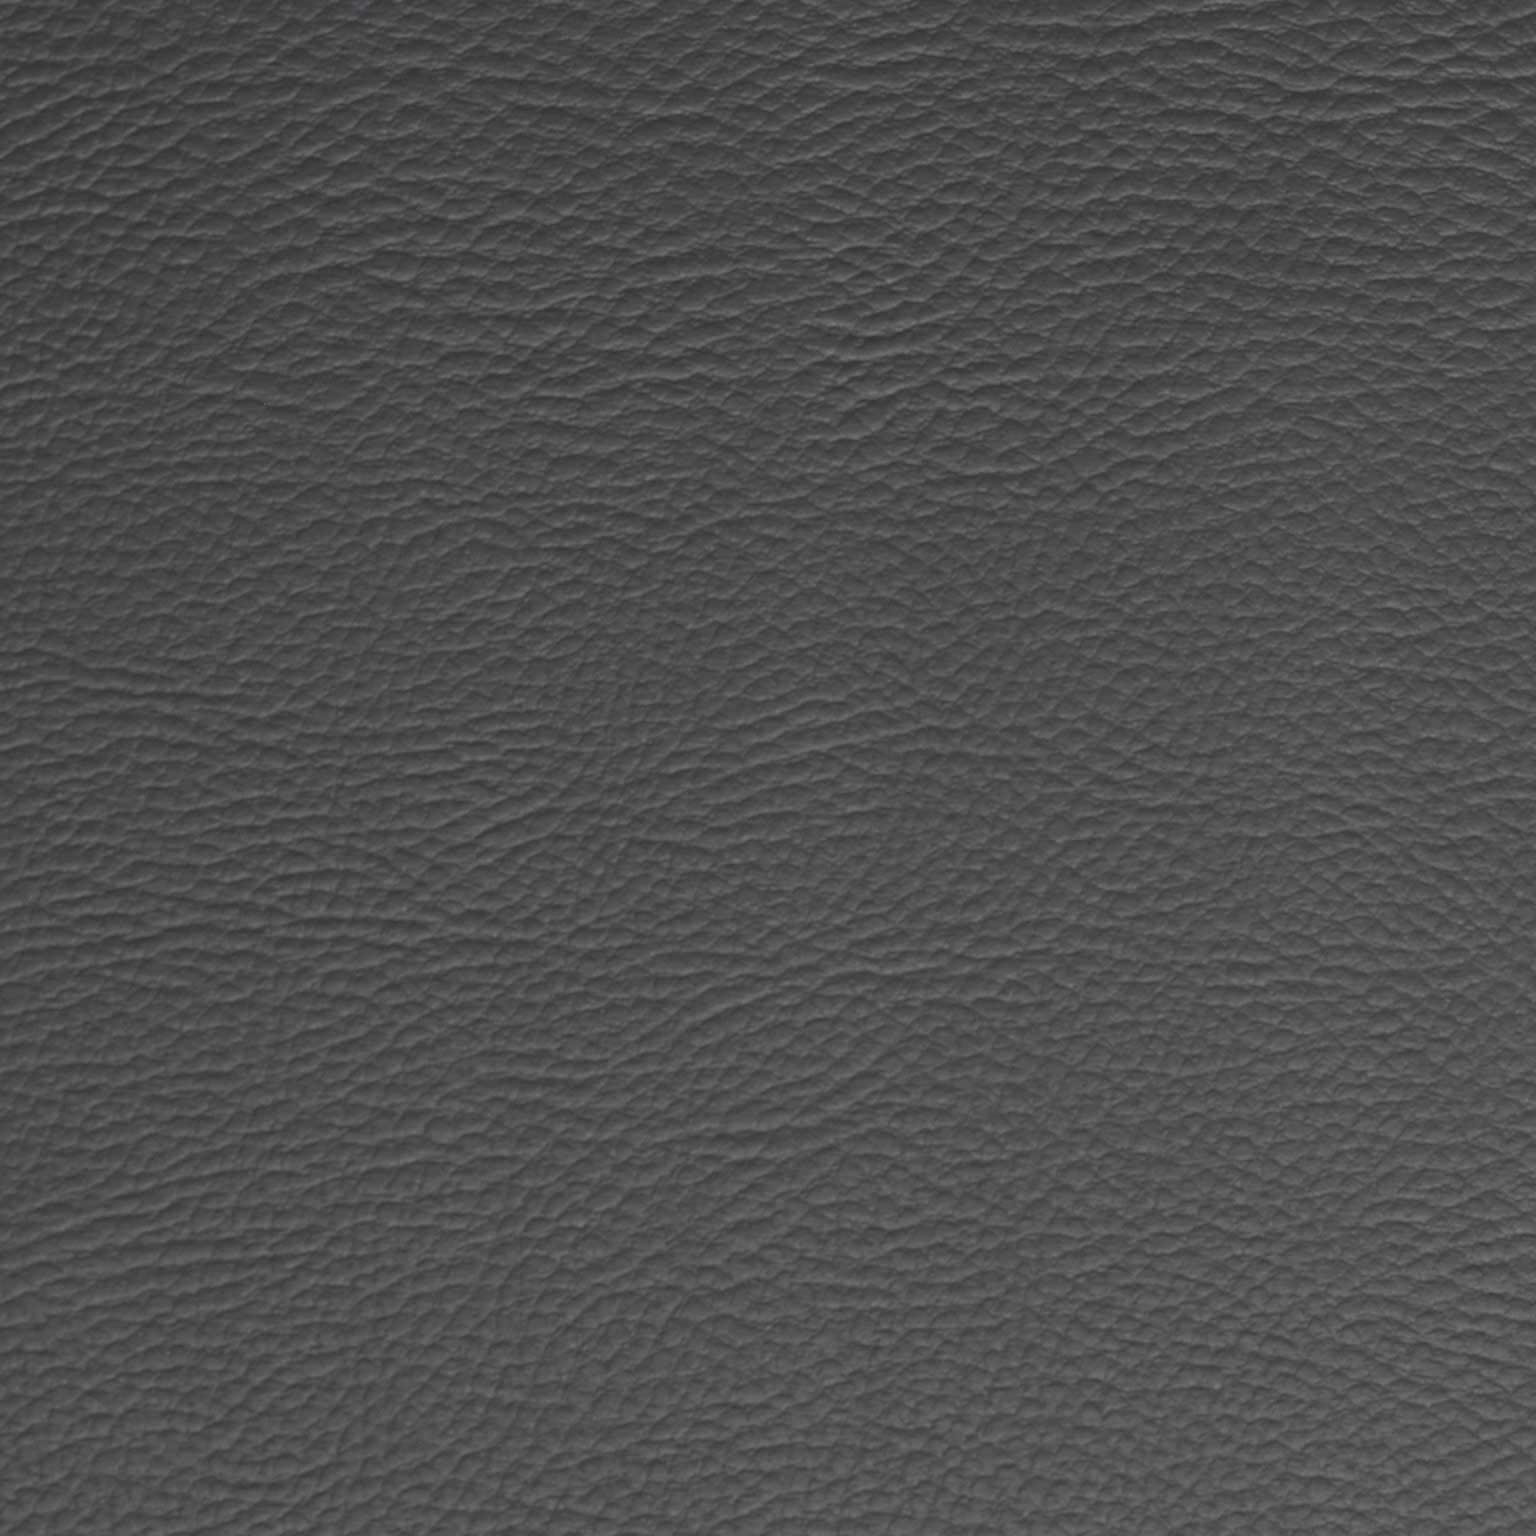 Faux leather_e97-006